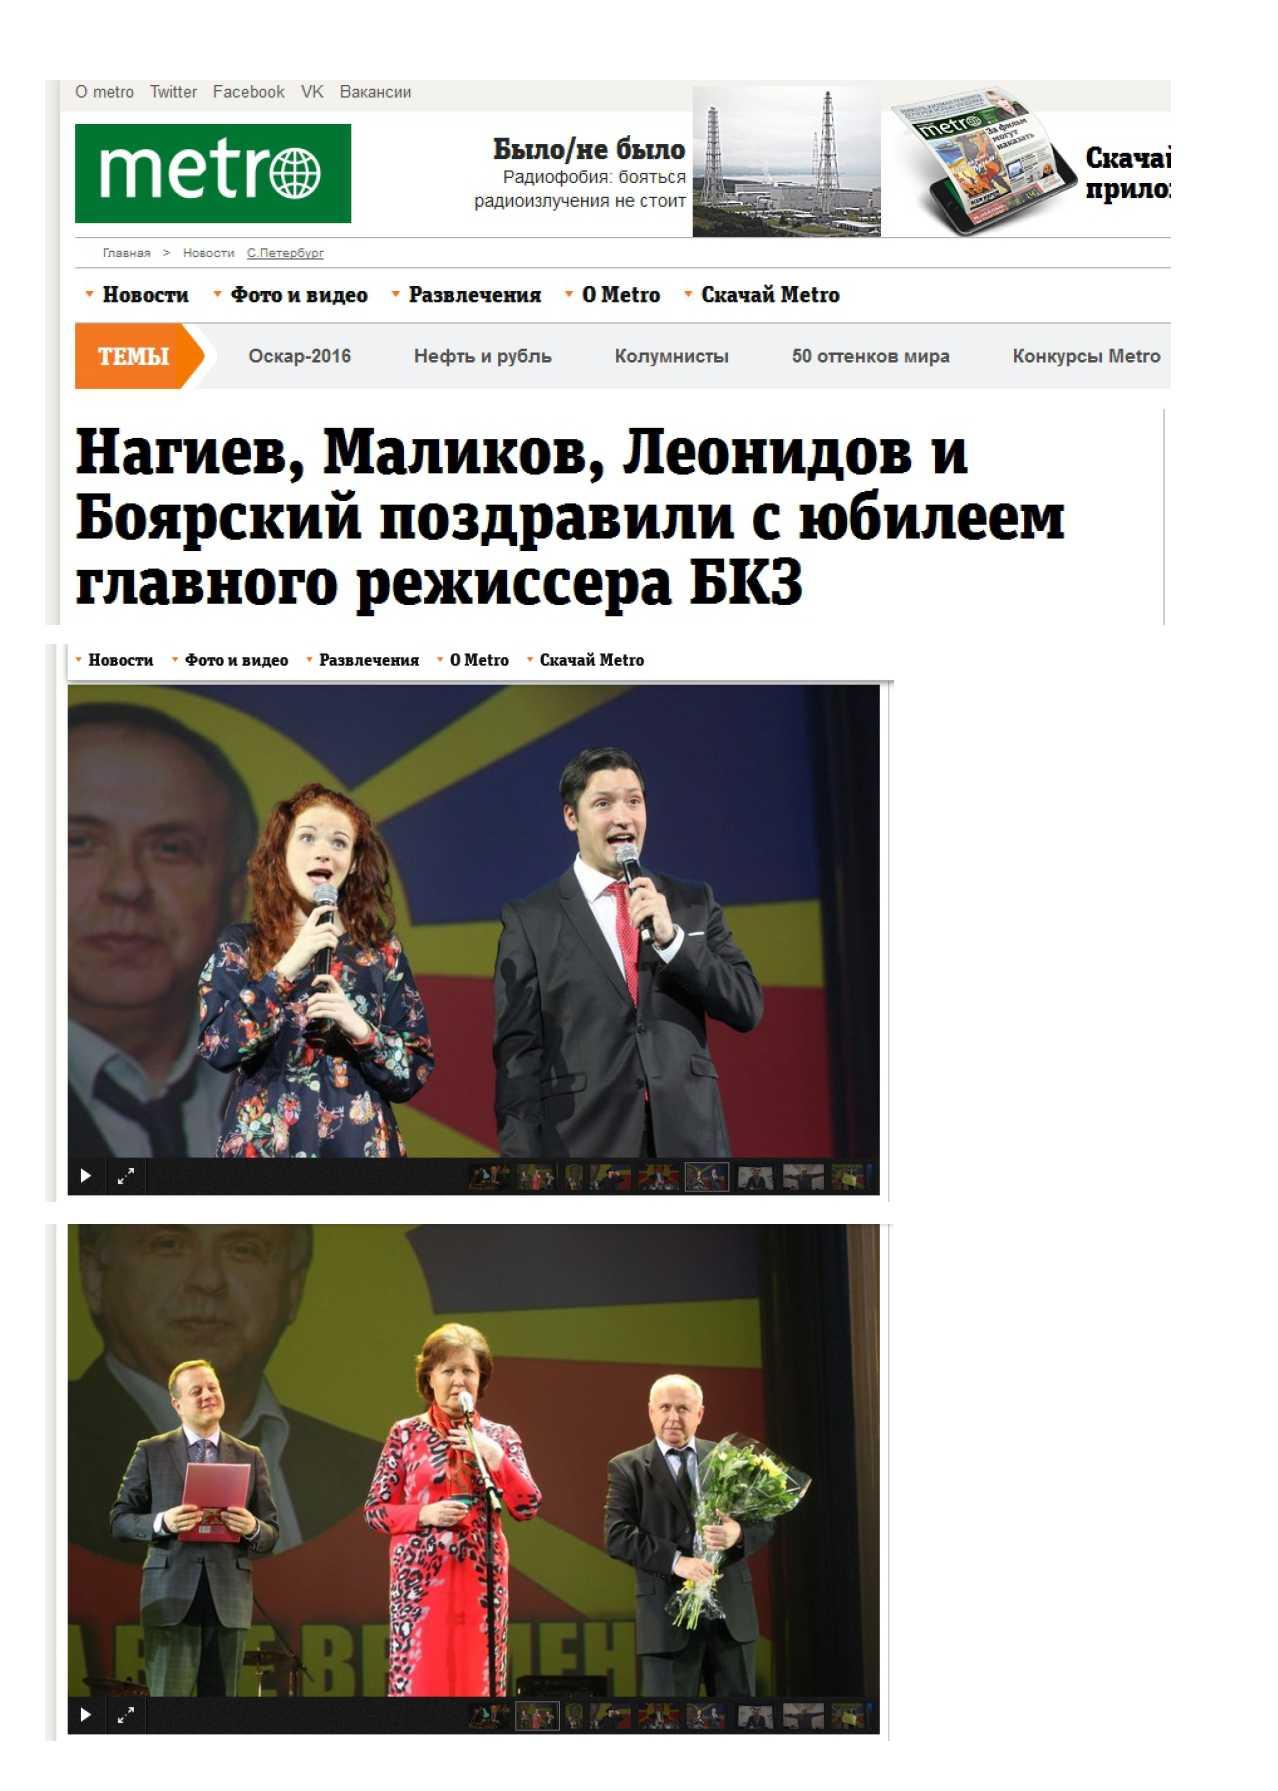 Press_Metro_onlinegazeta_160211_1